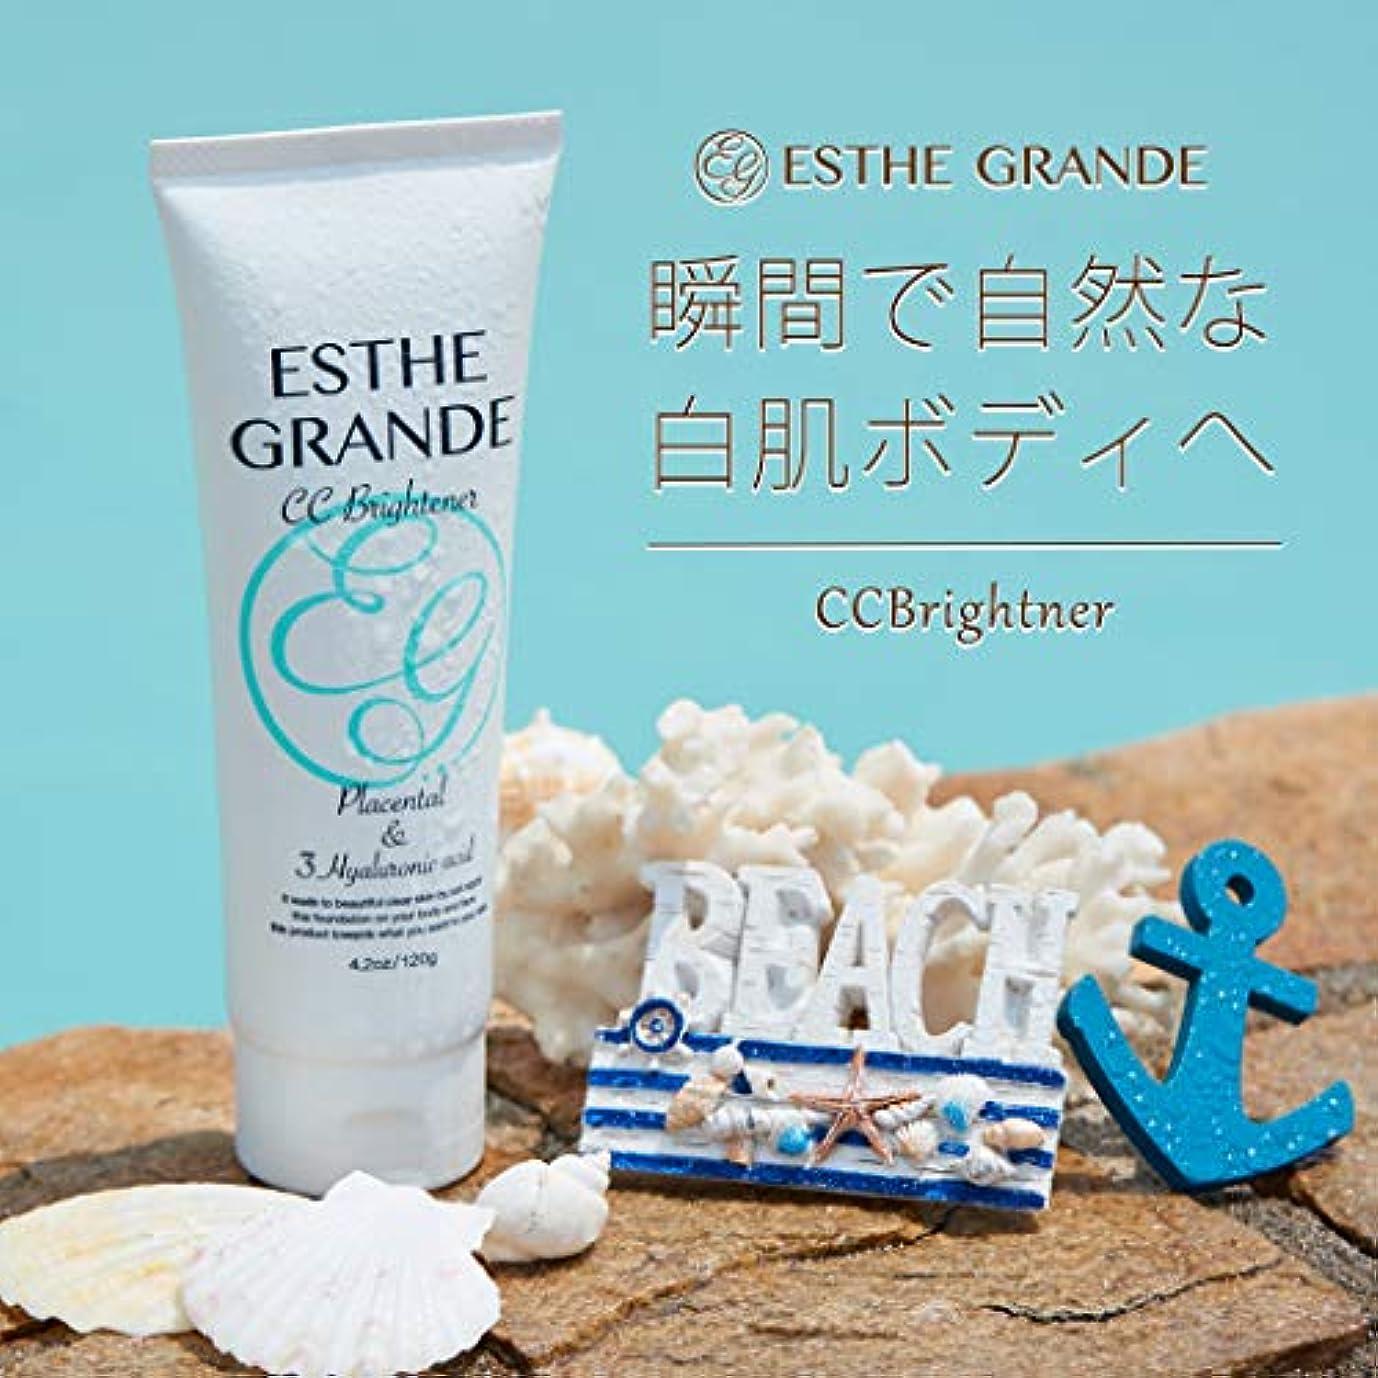 【CCクリーム】エステグランデ CCブライトナー 120g 塗って、瞬間白肌ボディ!「しみ?くすみ?赤み?毛穴?色むら」をカバー